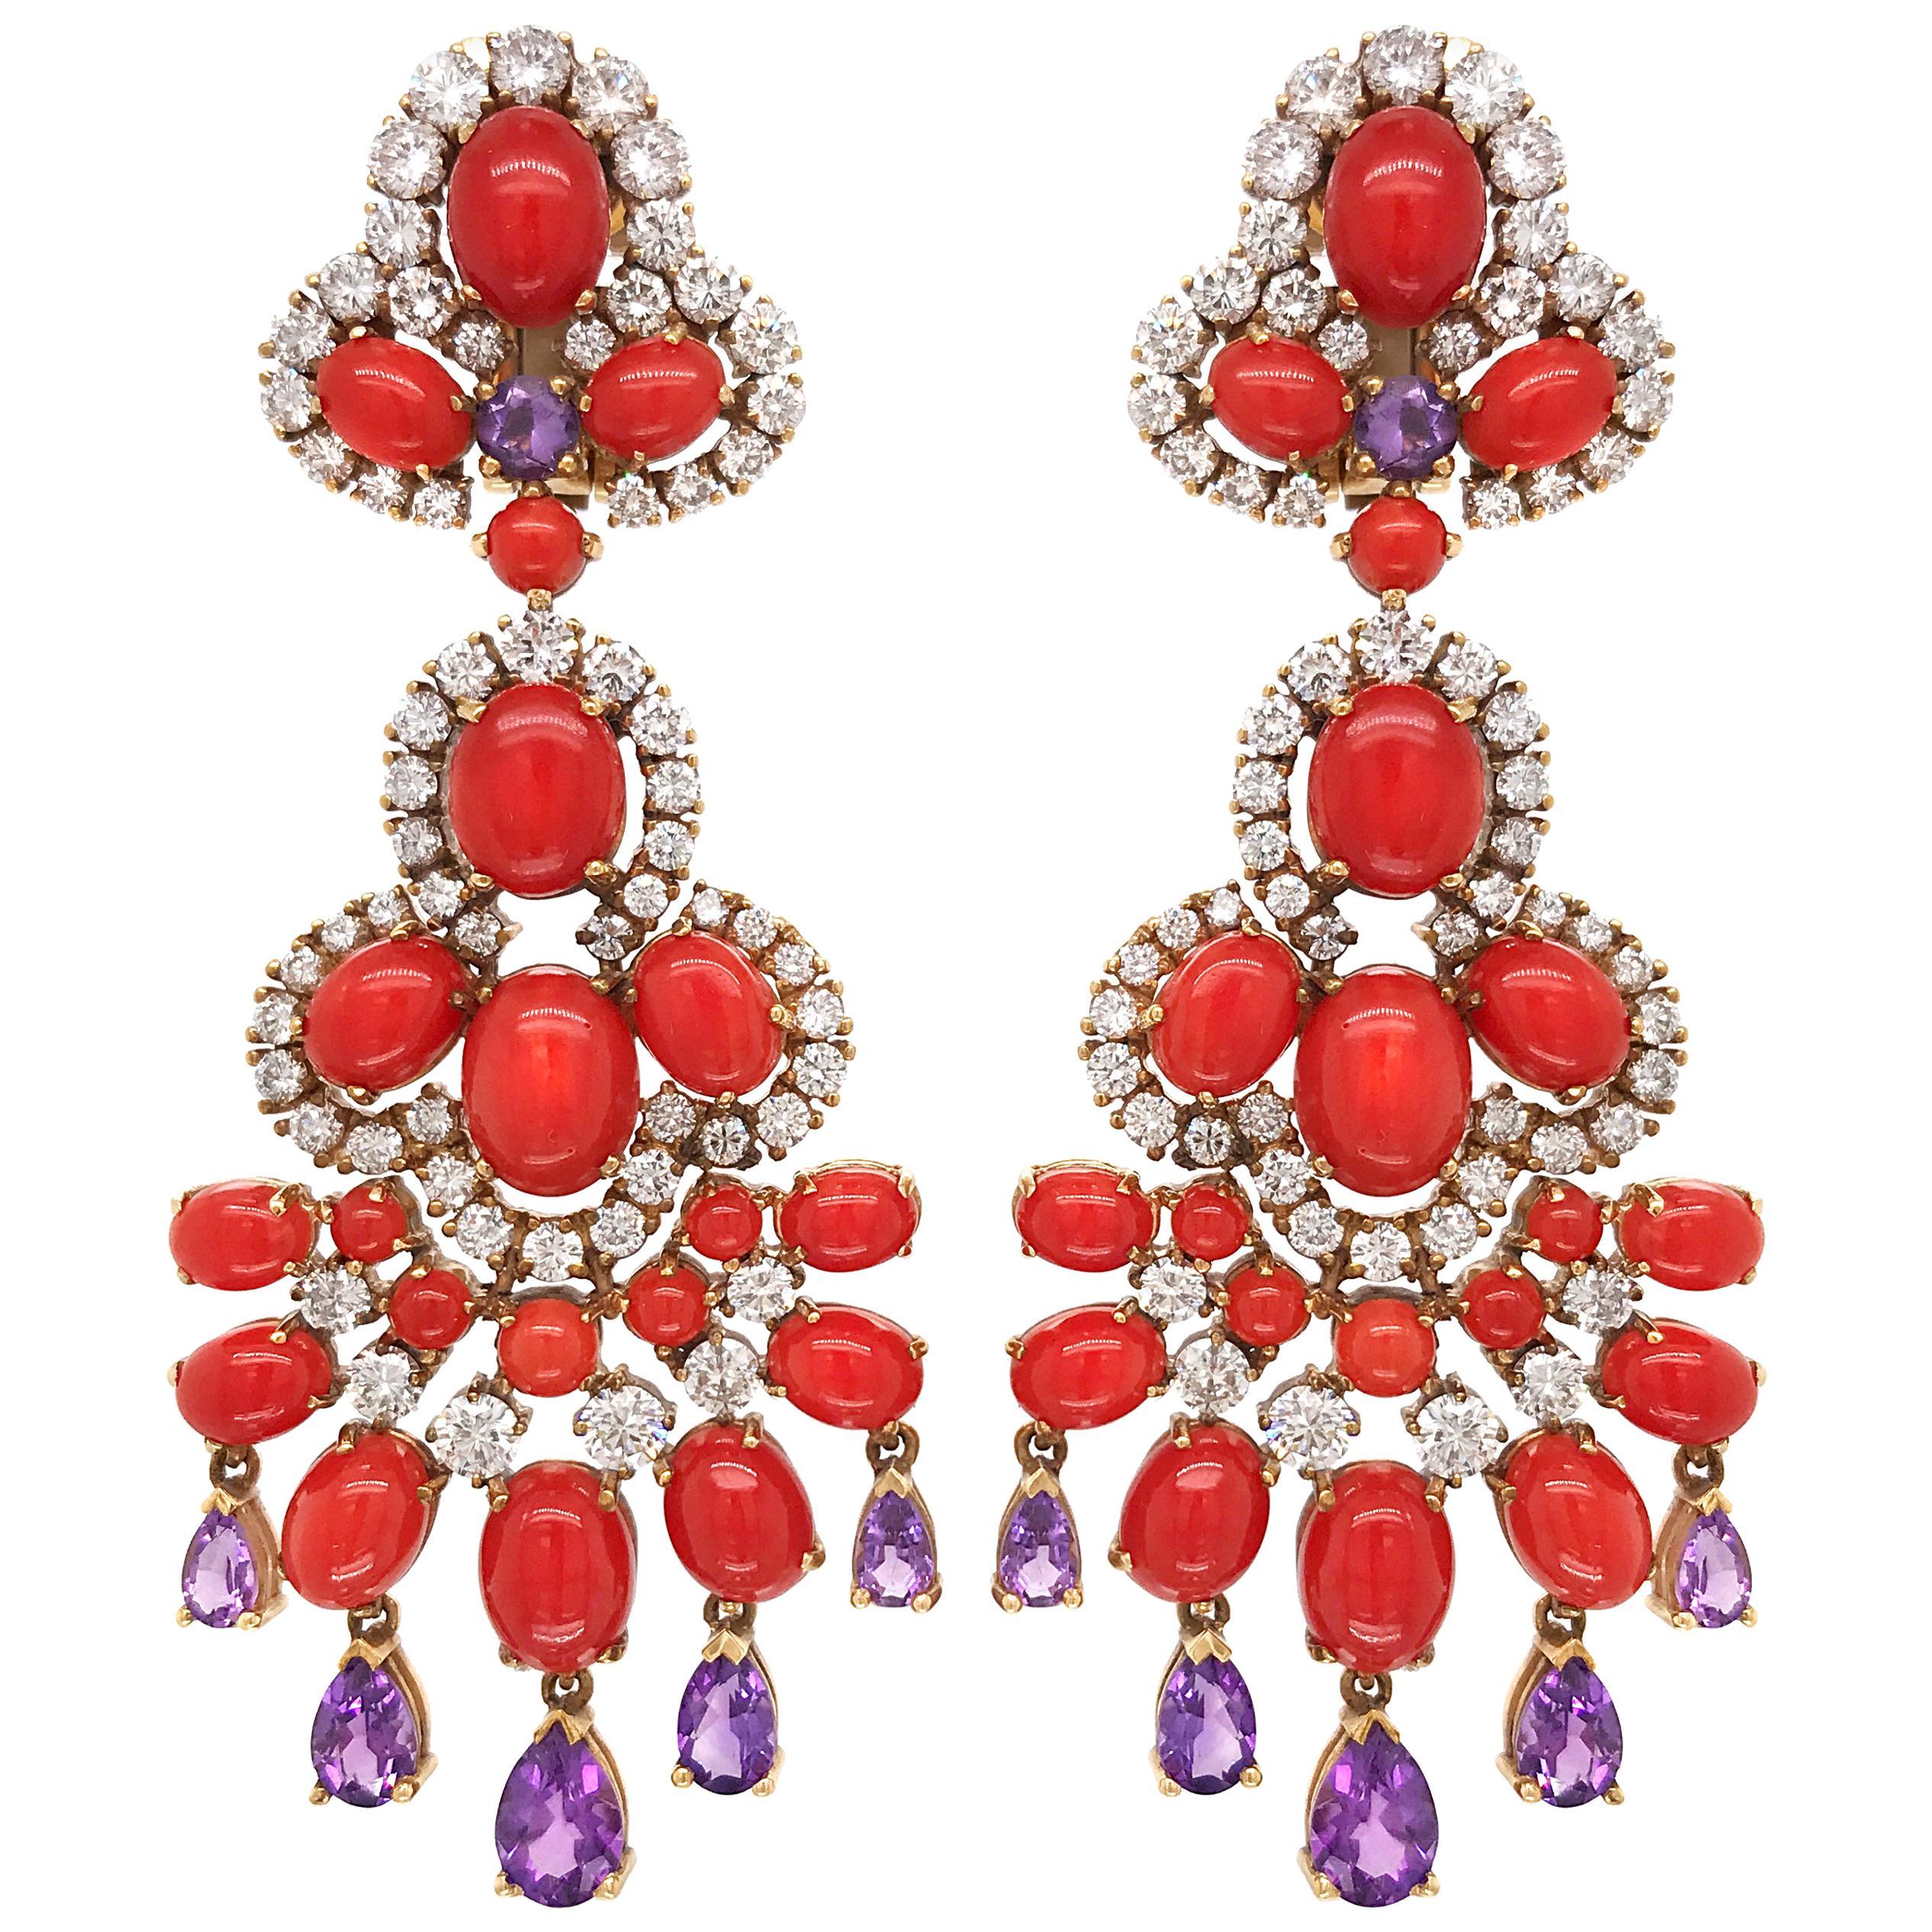 Pair of Coral, Amethyst and Diamond Earrings, Van Cleef & Arpels